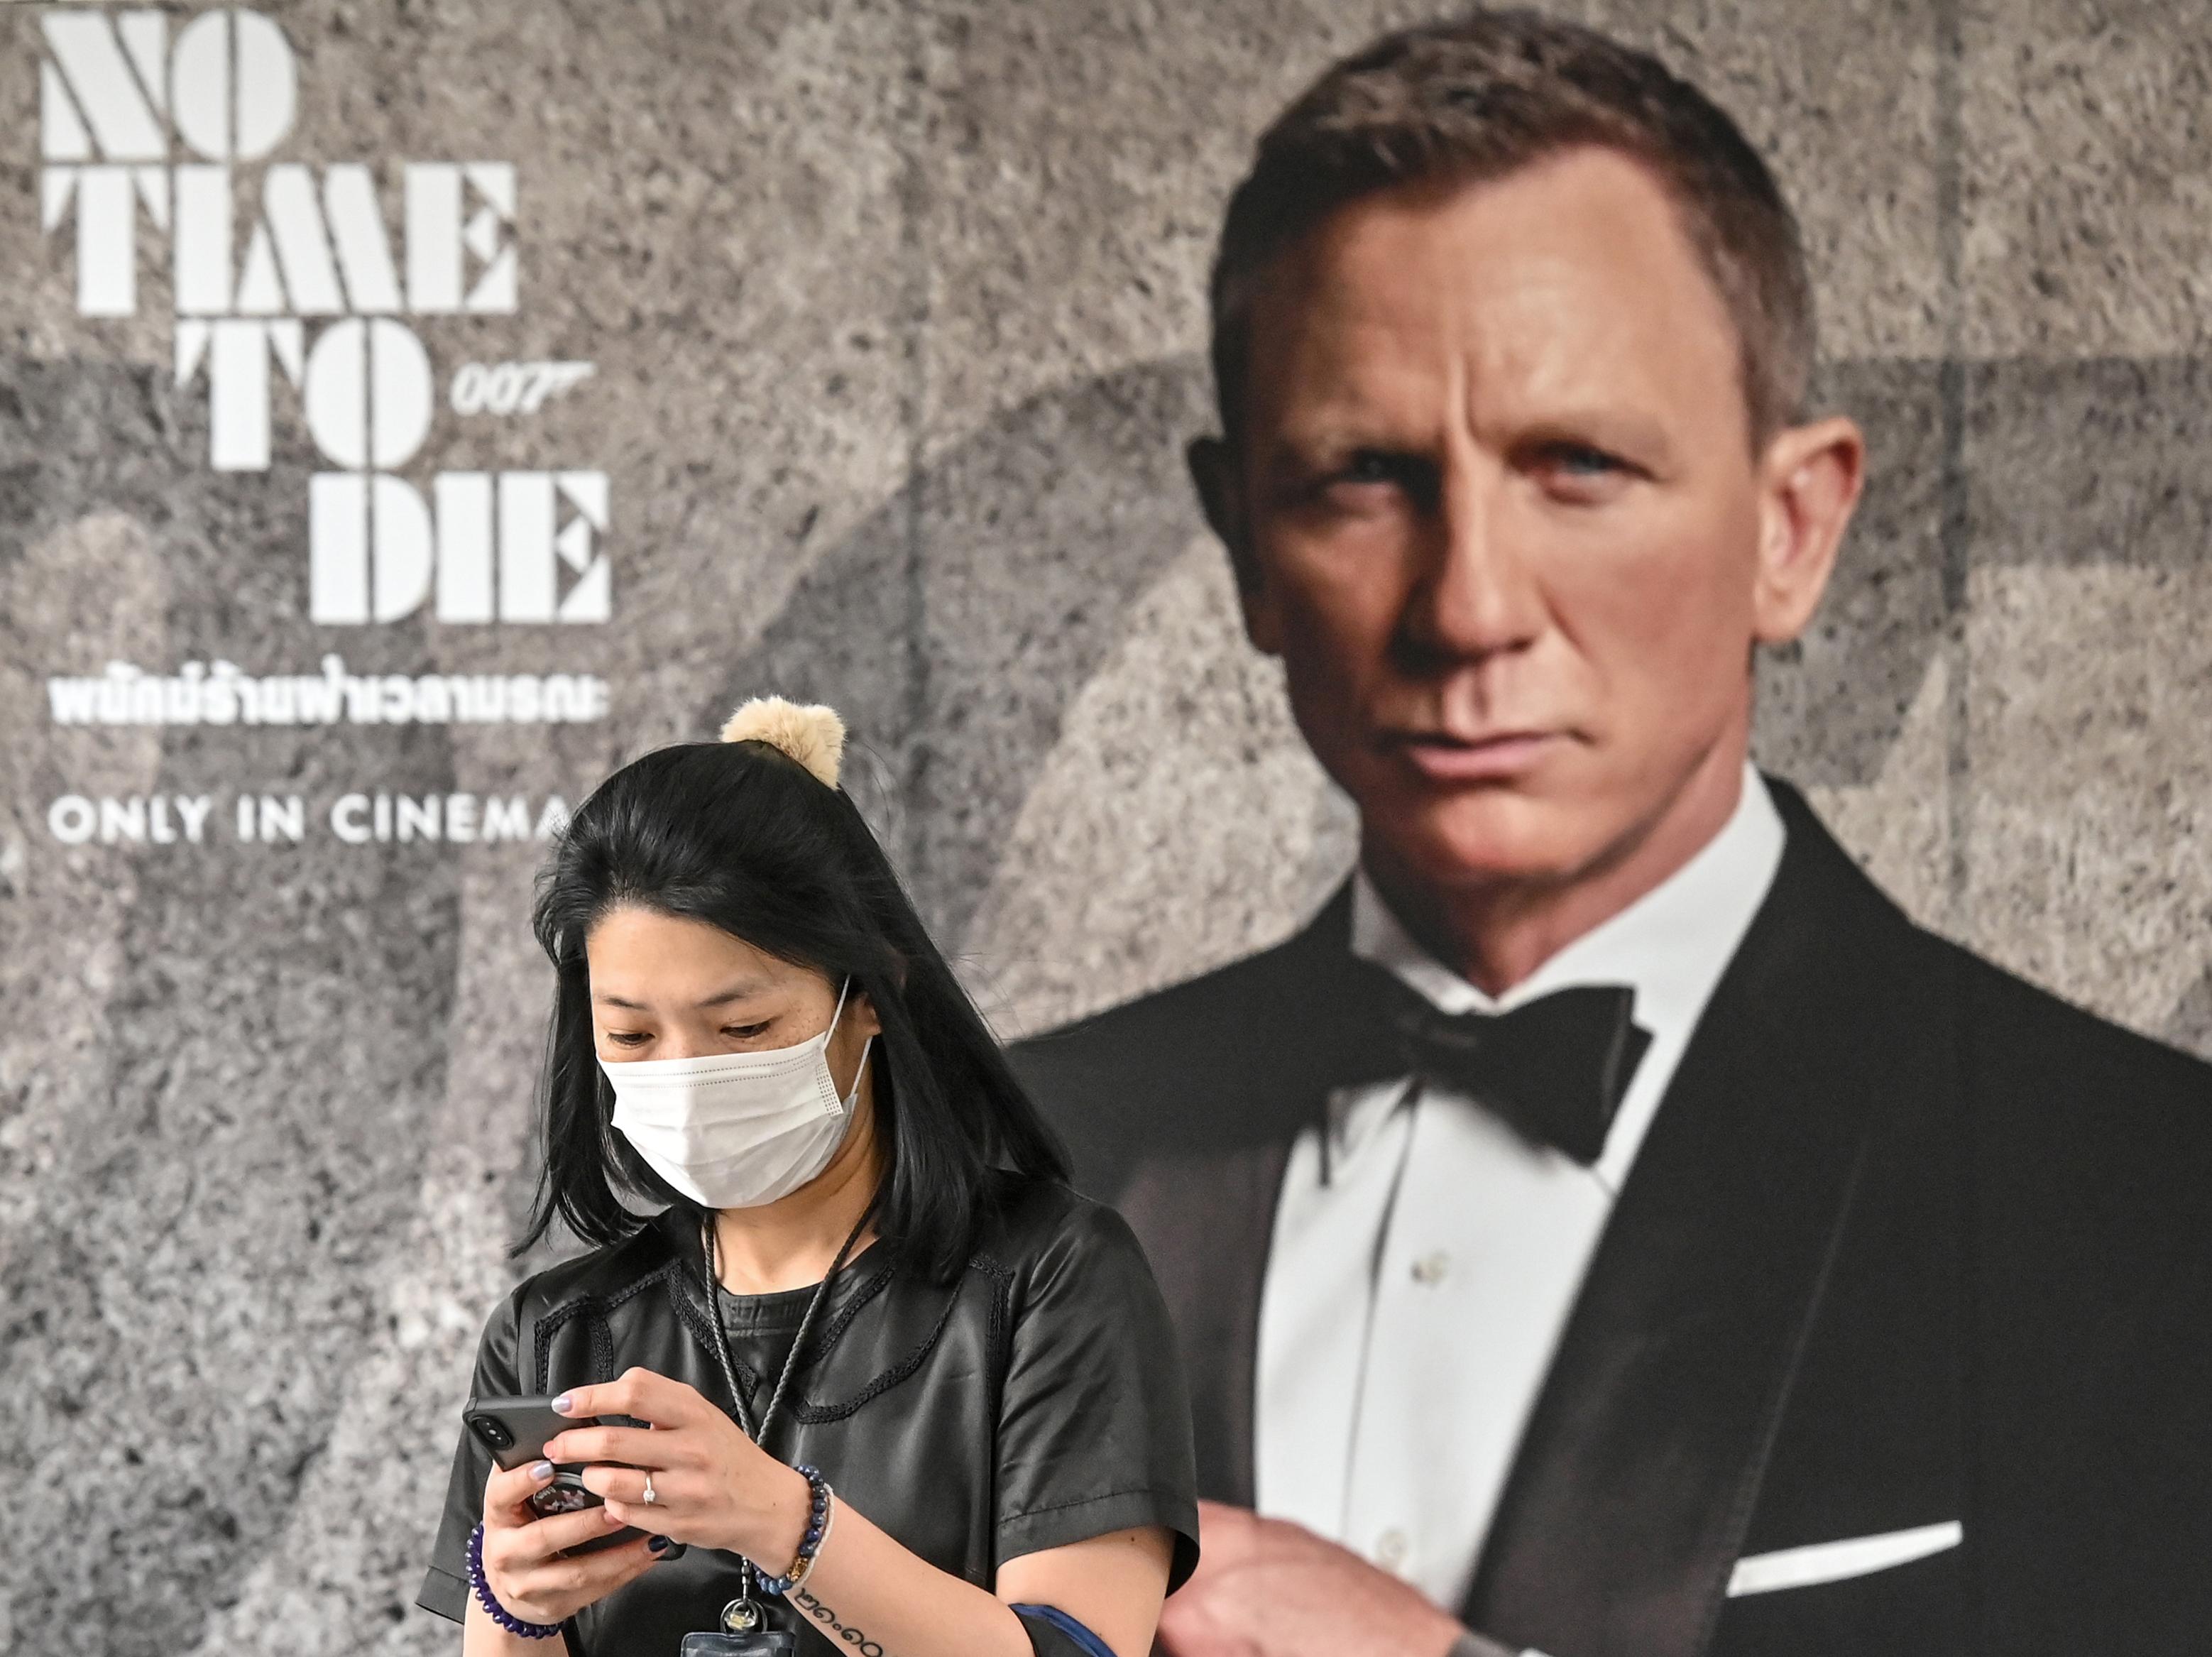 Harmadszor is elhalasztották az új James Bond-film bemutatását